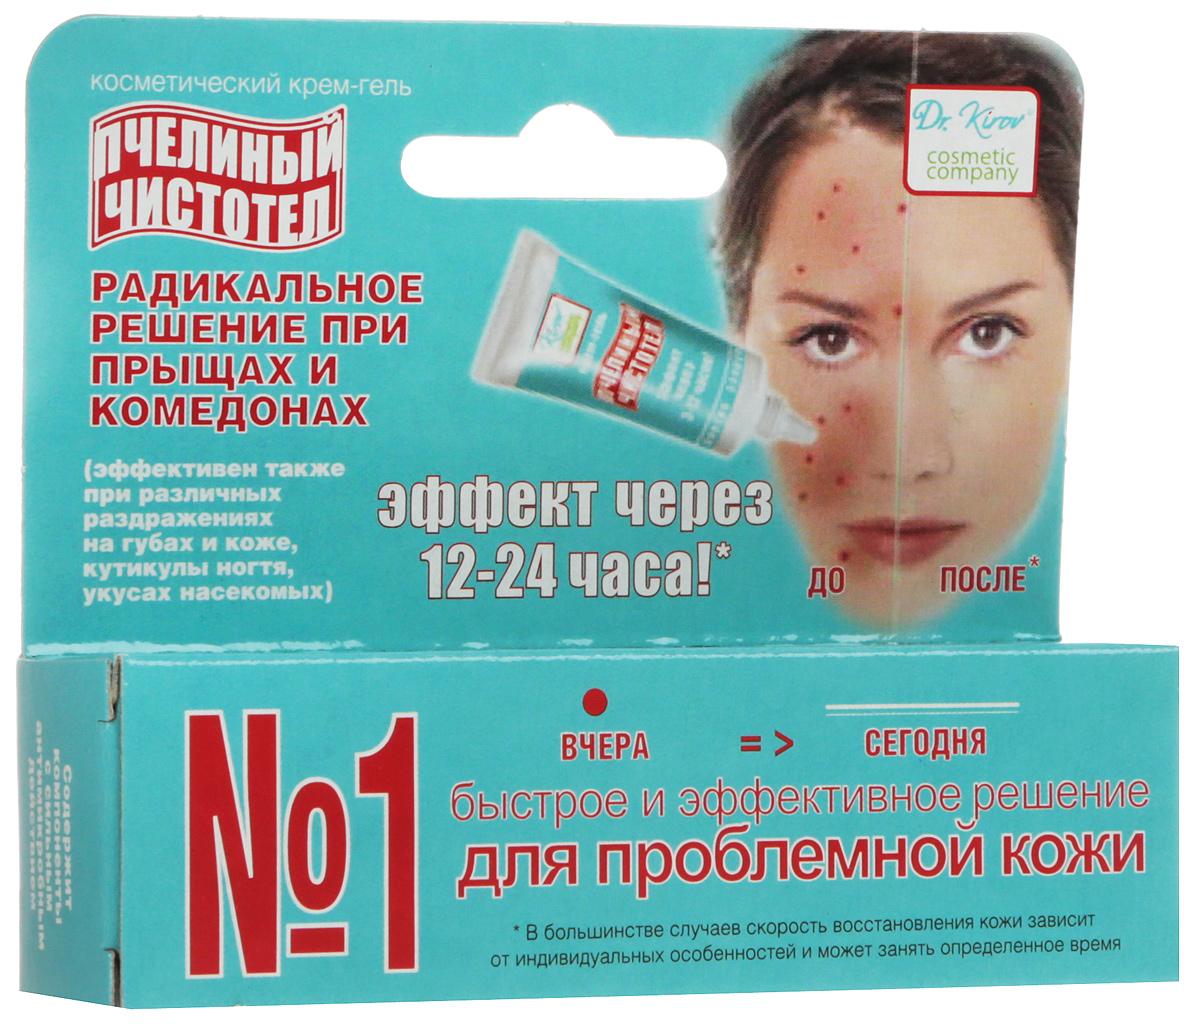 Dr.Kirov Cosmetic Крем-гель для проблемной кожи Пчелиный чистотел, 10 мл пчелиный чистотел крем гель косметический 10 г